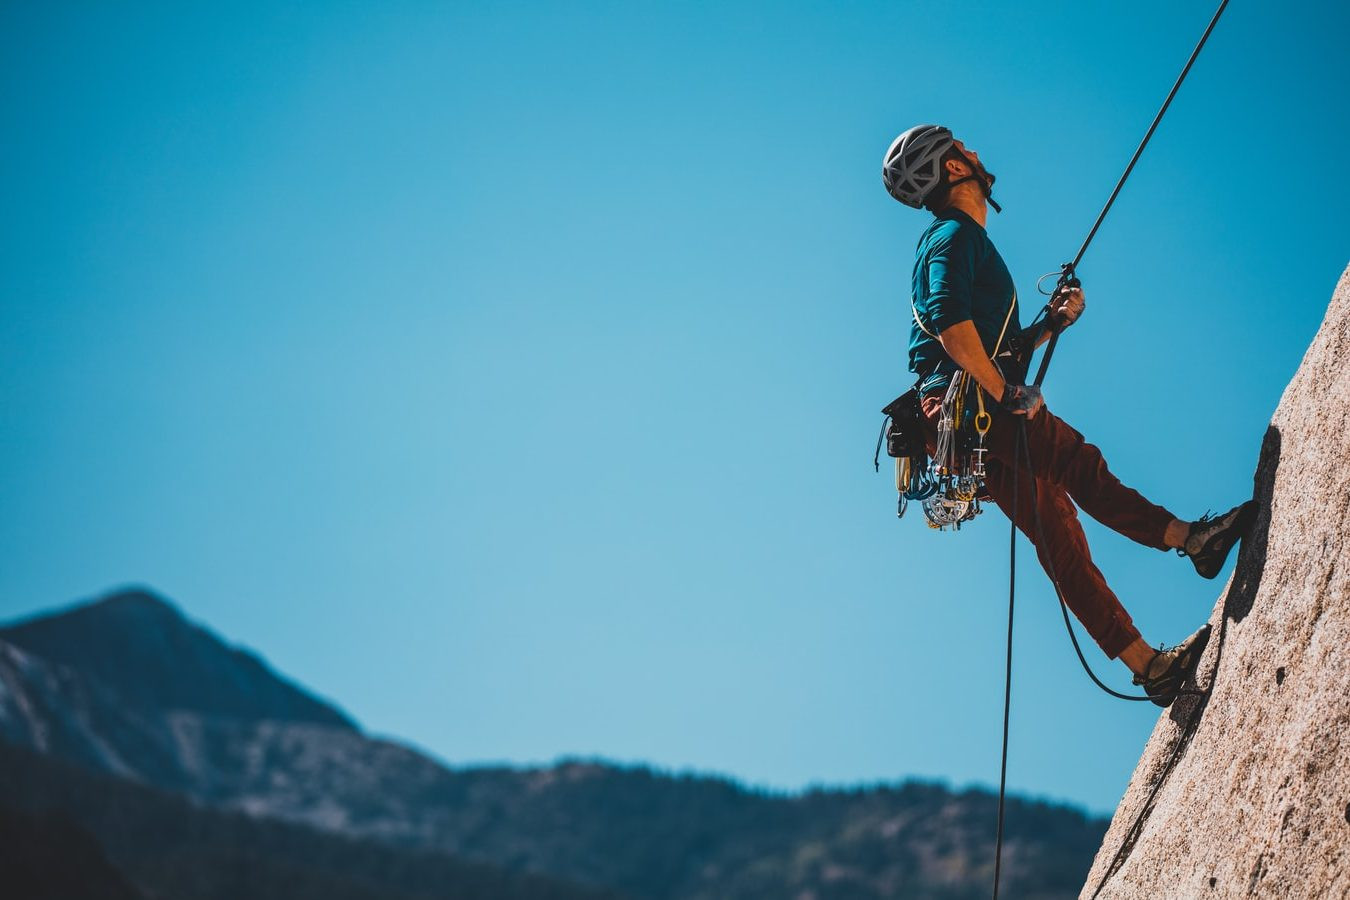 Giornata di arrampicata in falesia nelle Alpi Marittime (CN)